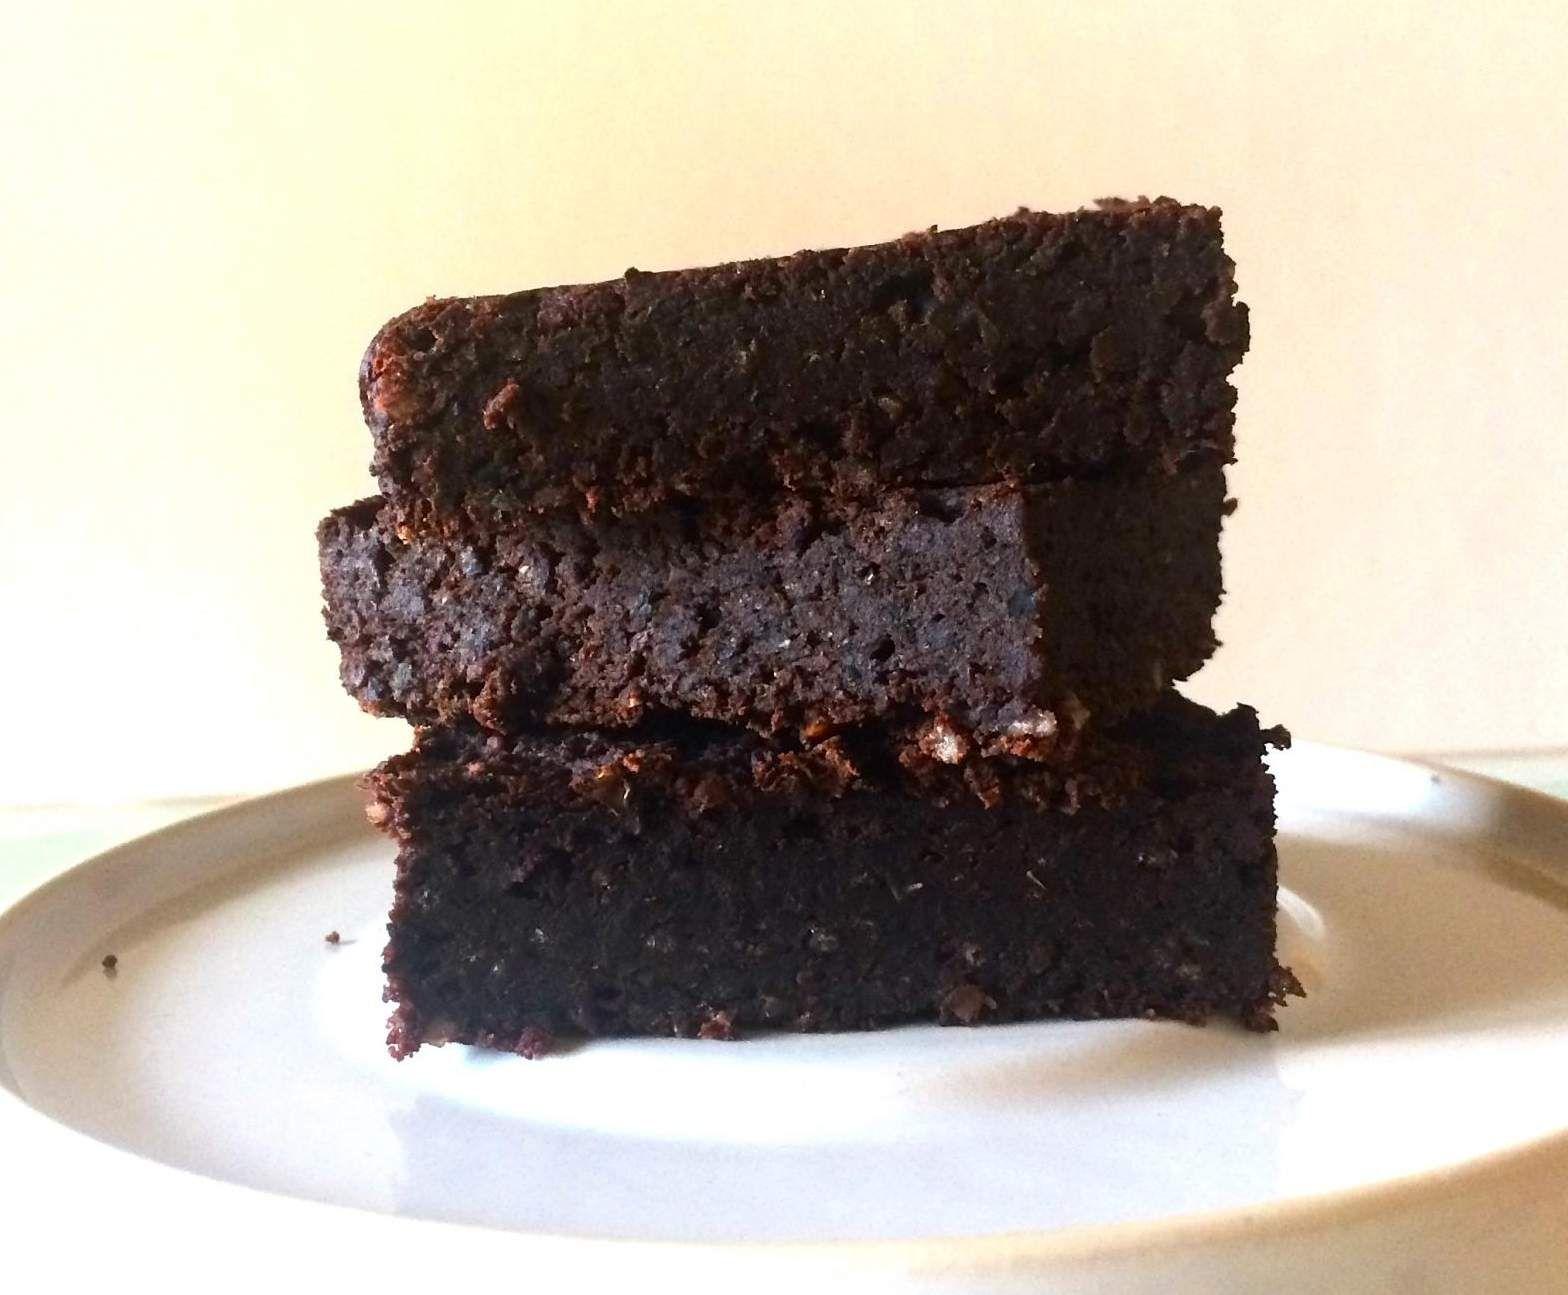 Brownie Aus Schwarzen Bohnen Vegan Glutenfrei Gesund Rezept Dessert Ideen Vegan Nachspeise